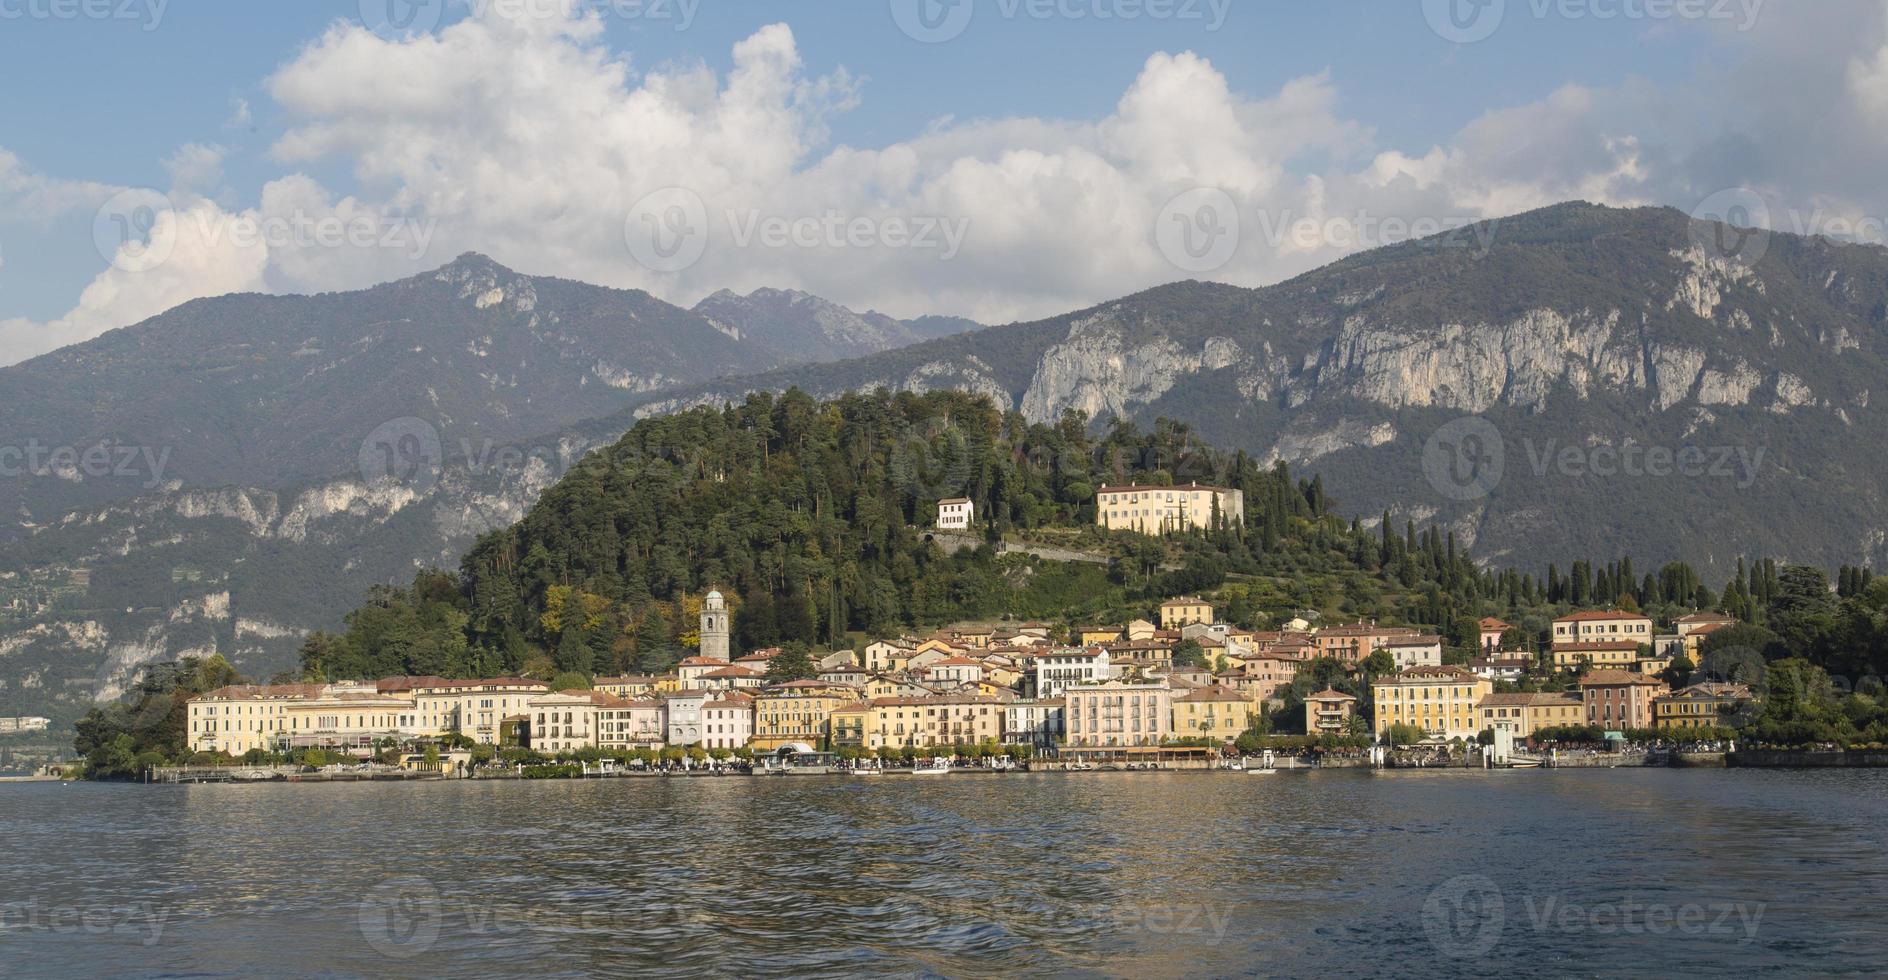 villaggi, lago di como, italia foto